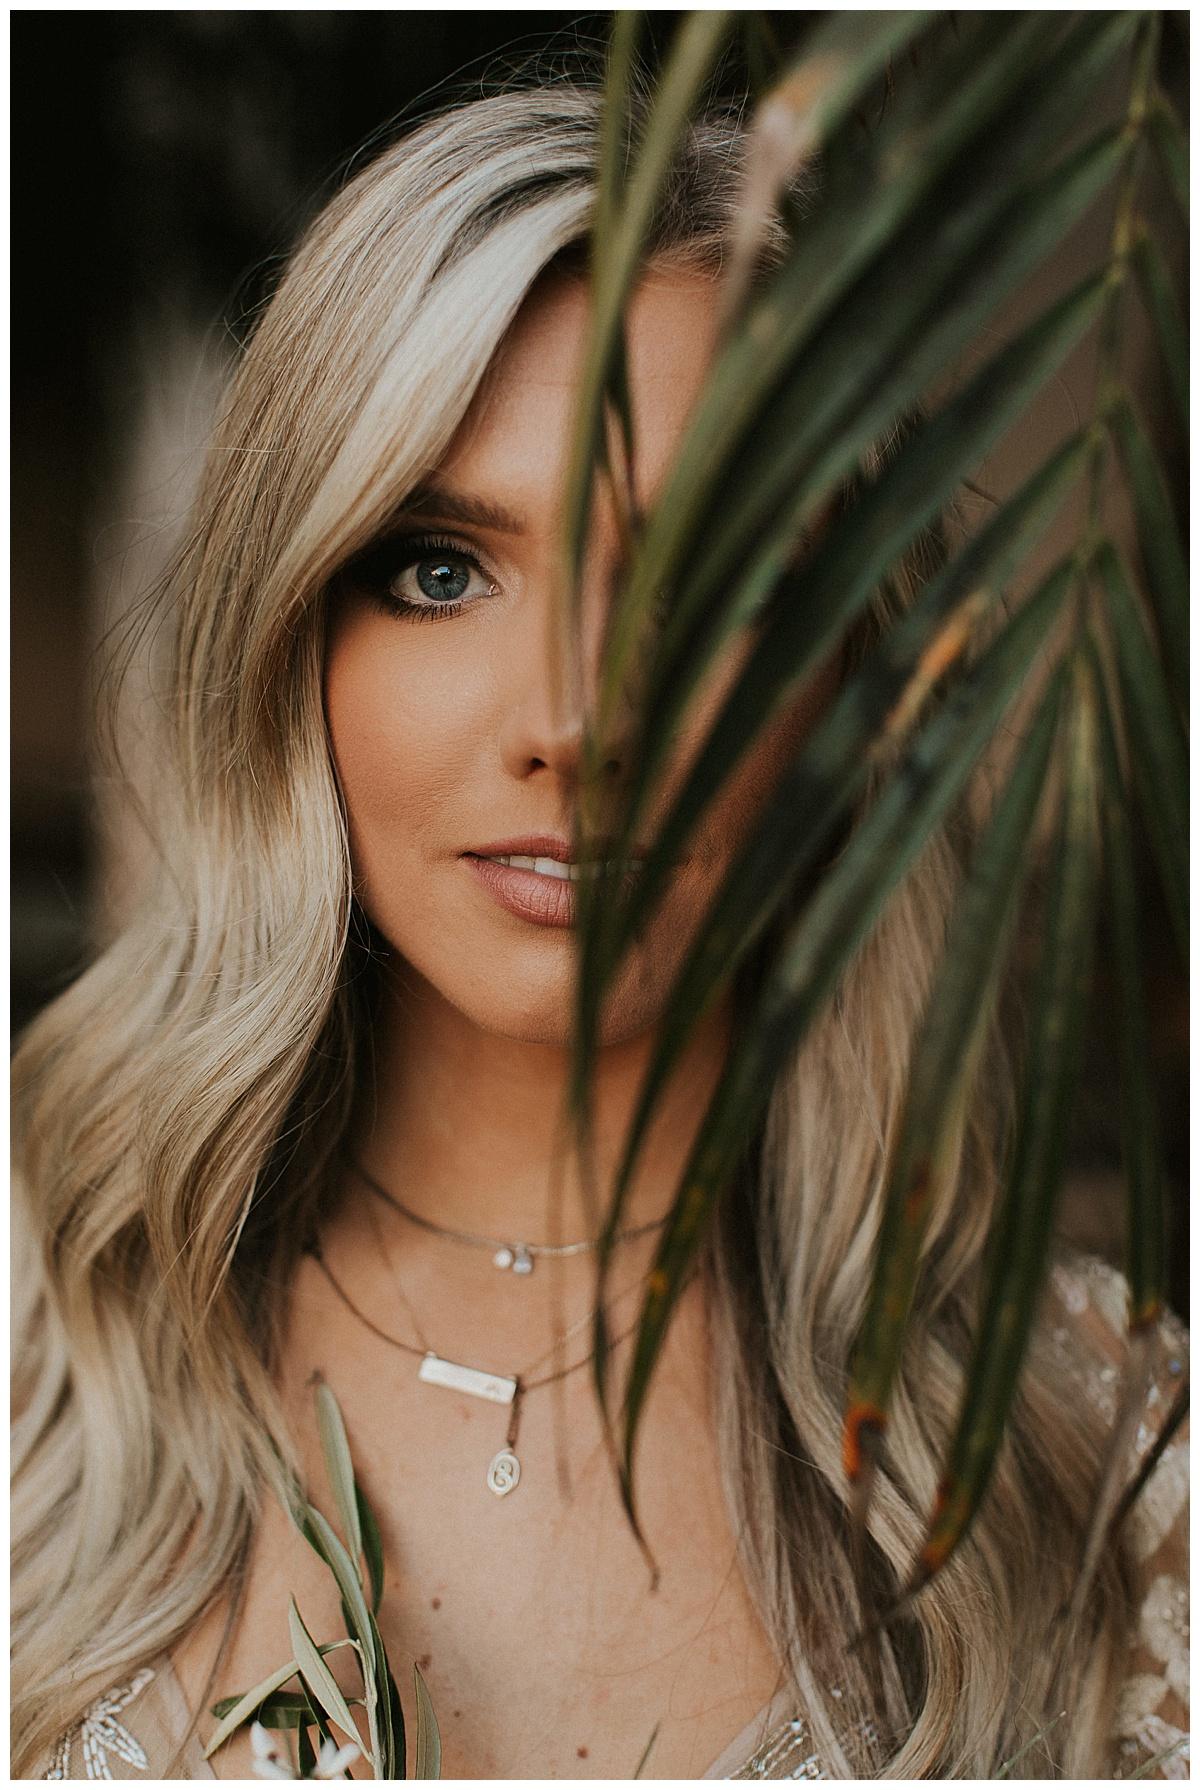 Bixby+Pine-Sarah-Anne-Photography-Balboa-Park-San-Diego-Californai_0030.jpg